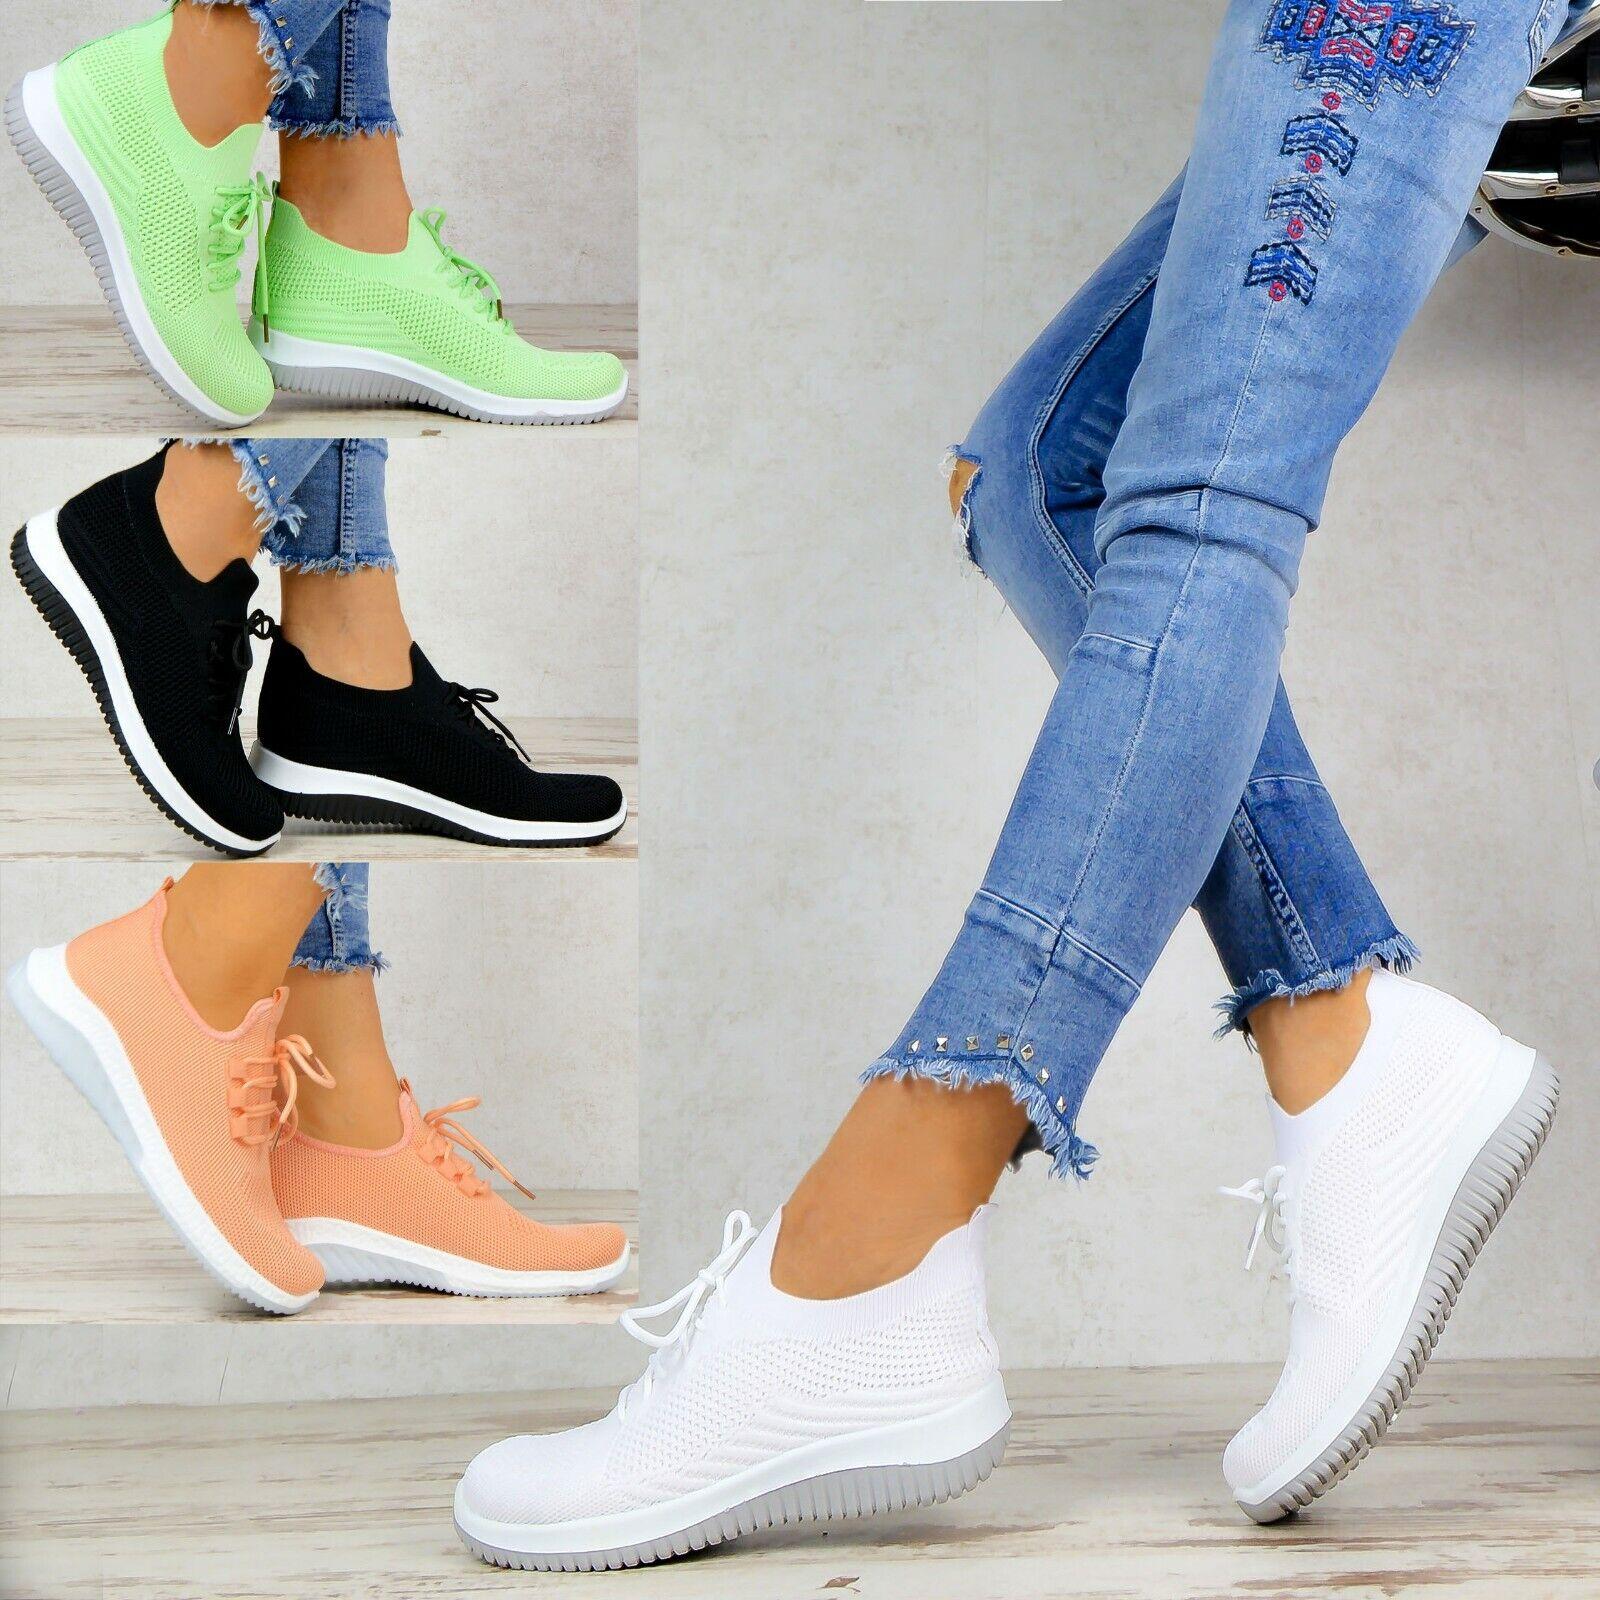 Damen Schuhe Sneaker Weiss Weiß Low Turnschuhe Sportschuhe